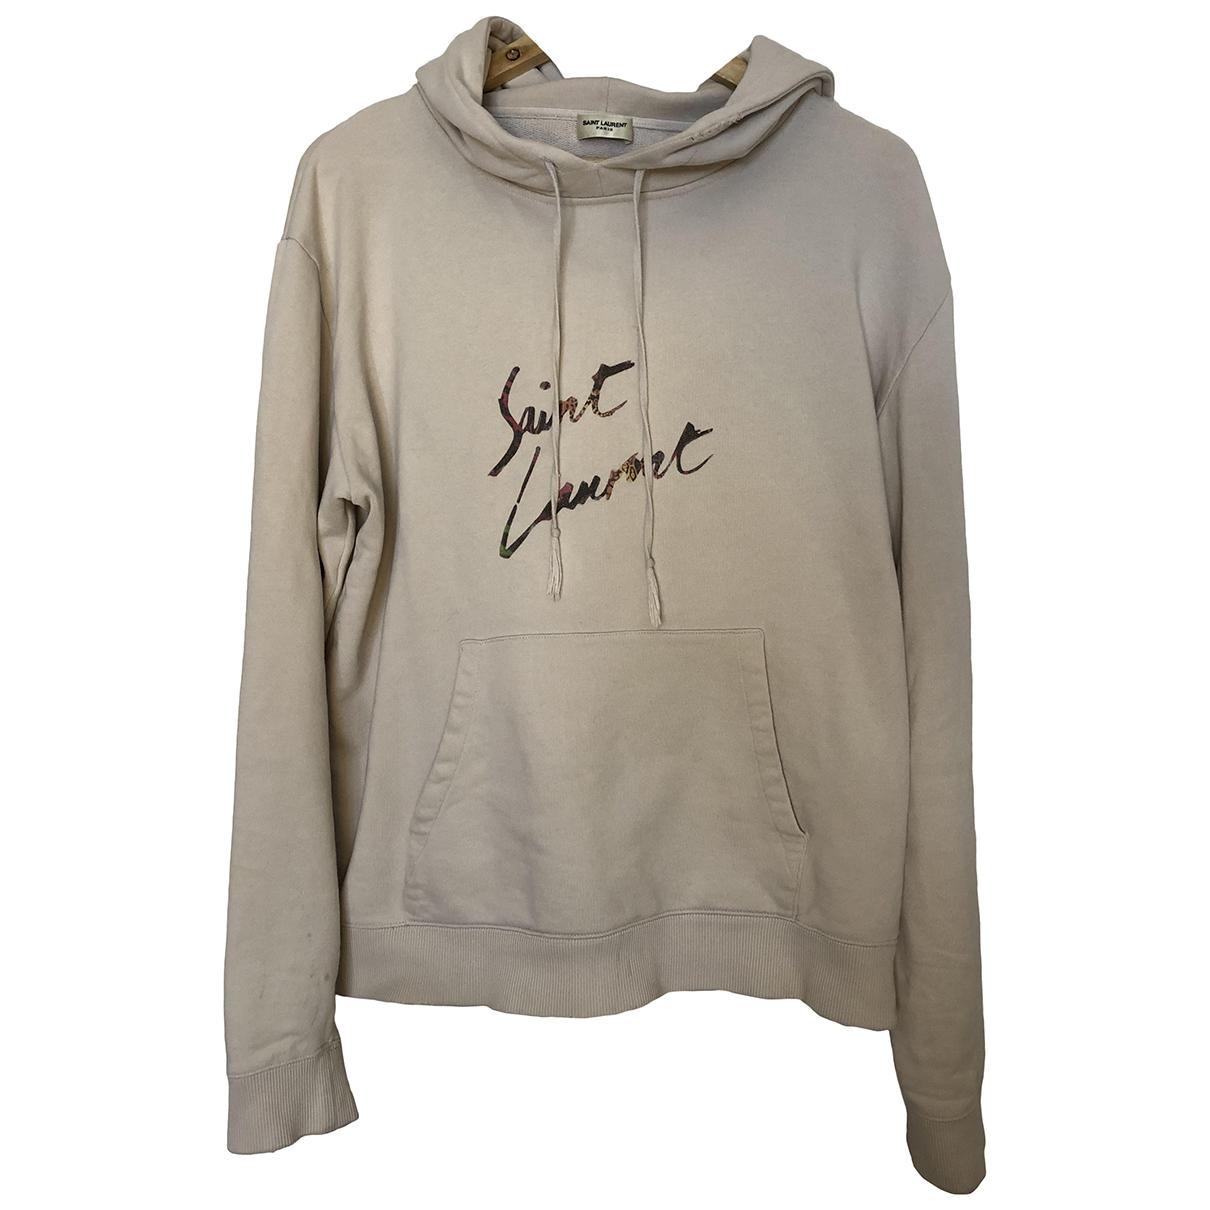 Saint Laurent - Pulls.Gilets.Sweats   pour homme en coton - beige